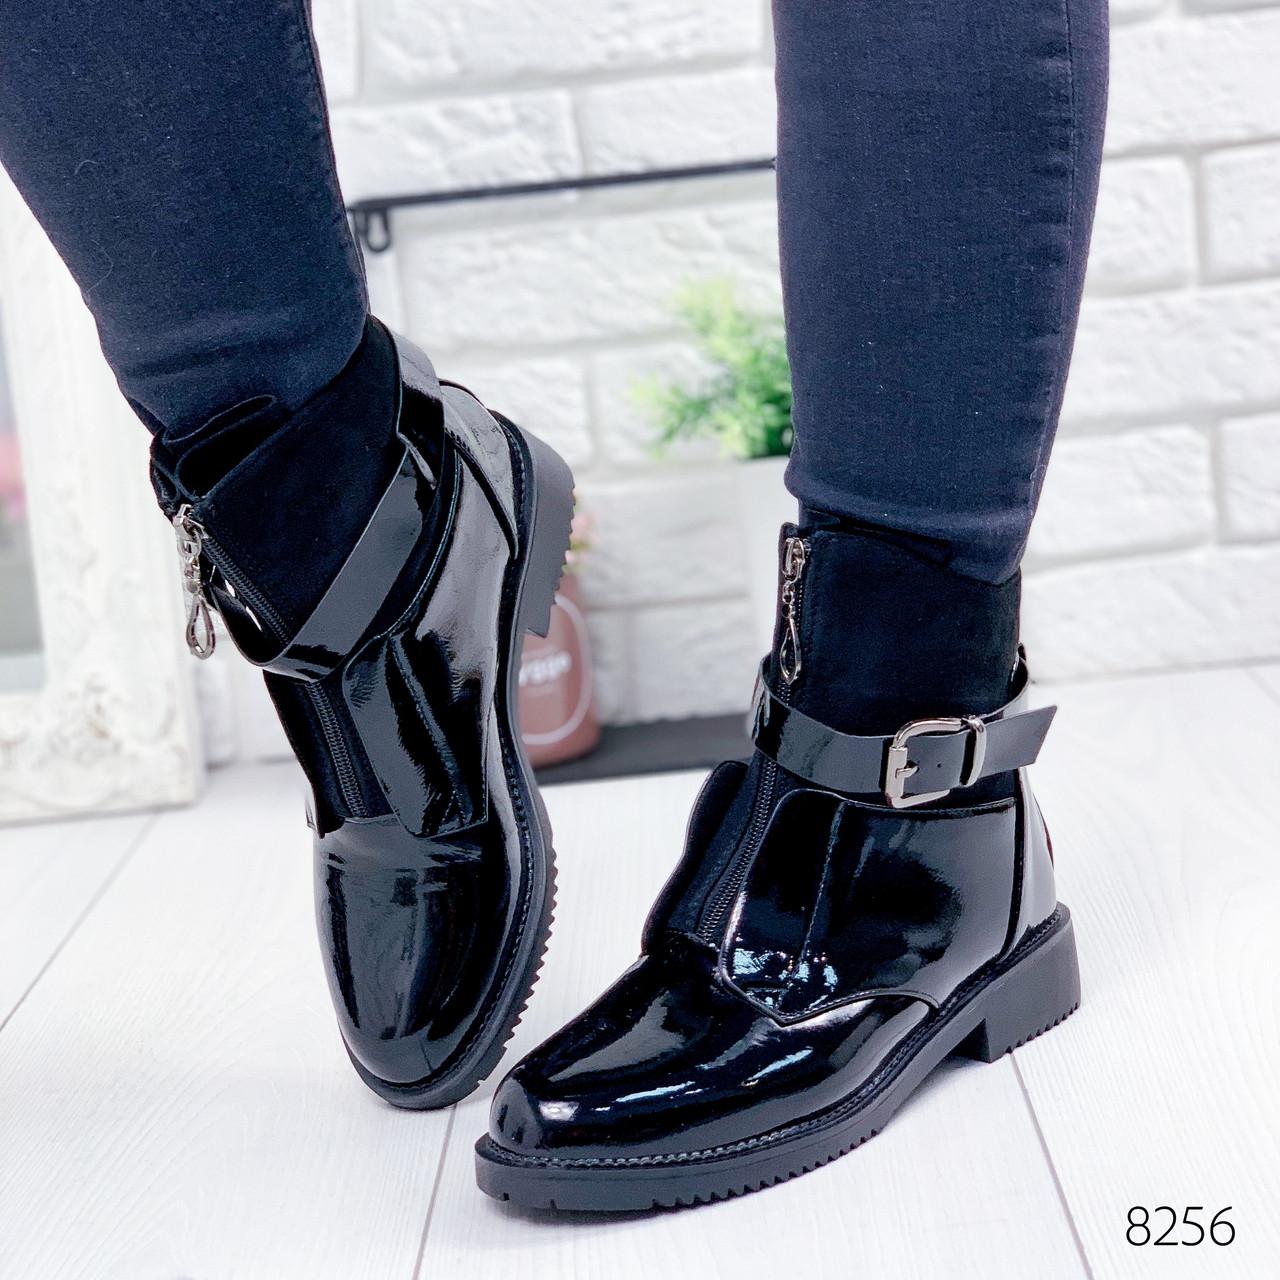 Ботинки женские Annie демисезонные черные эко - лак + эко - замша ))